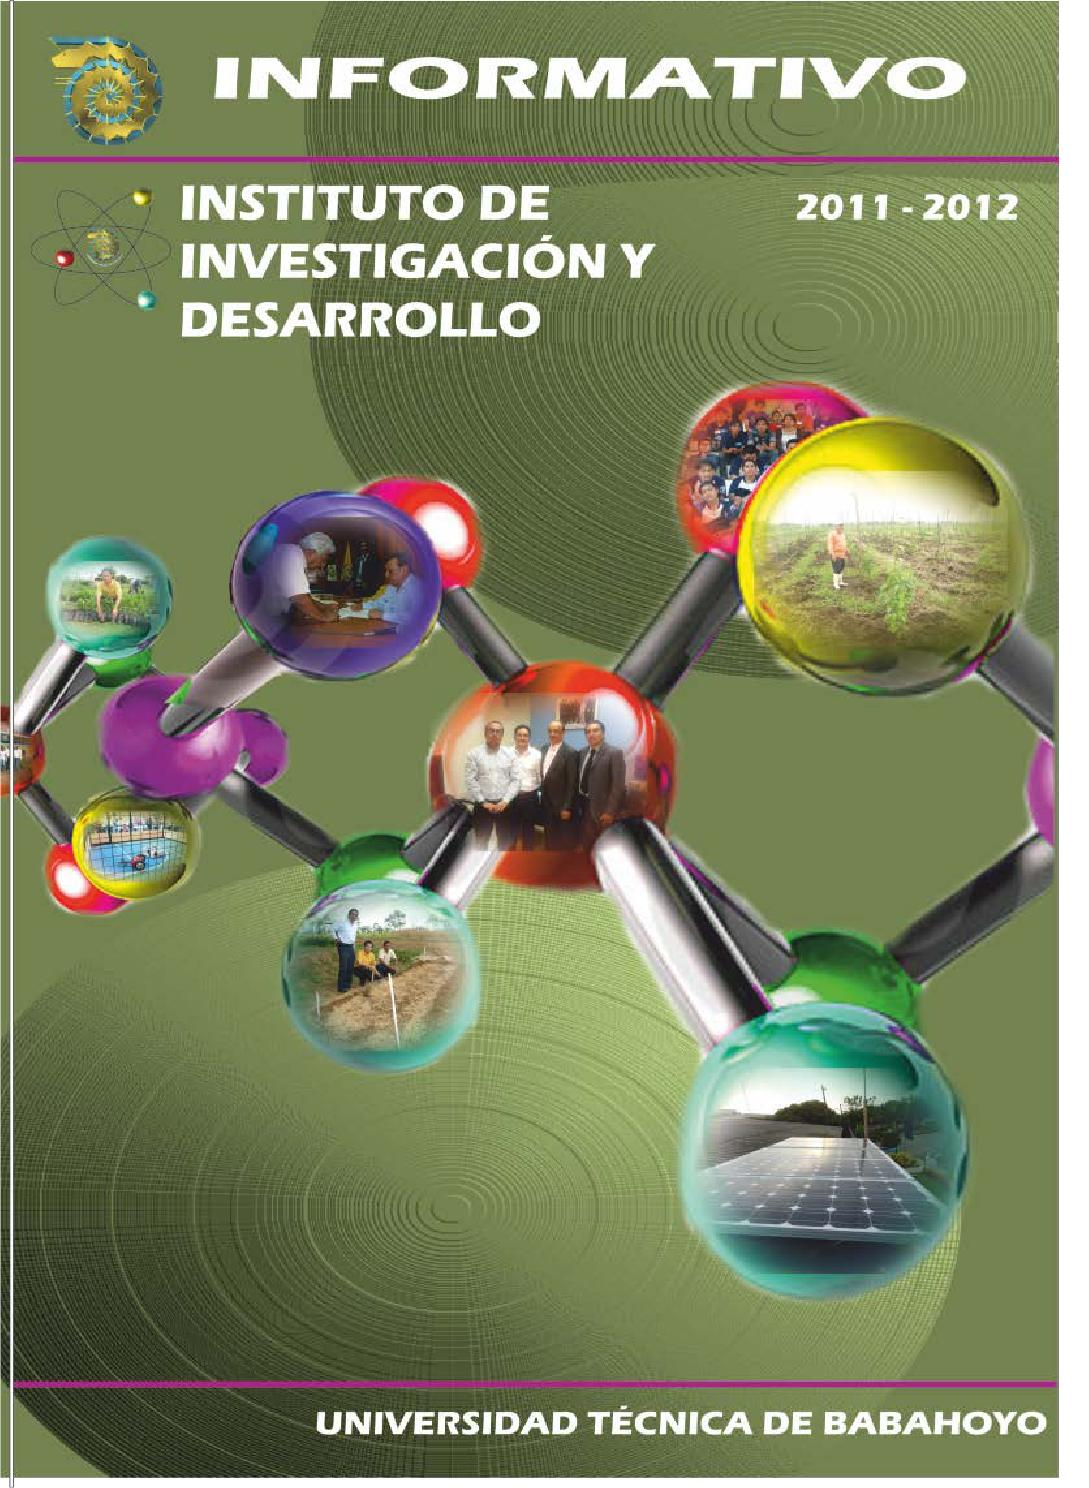 informativo 20112012 del instituto de investigaci243n y